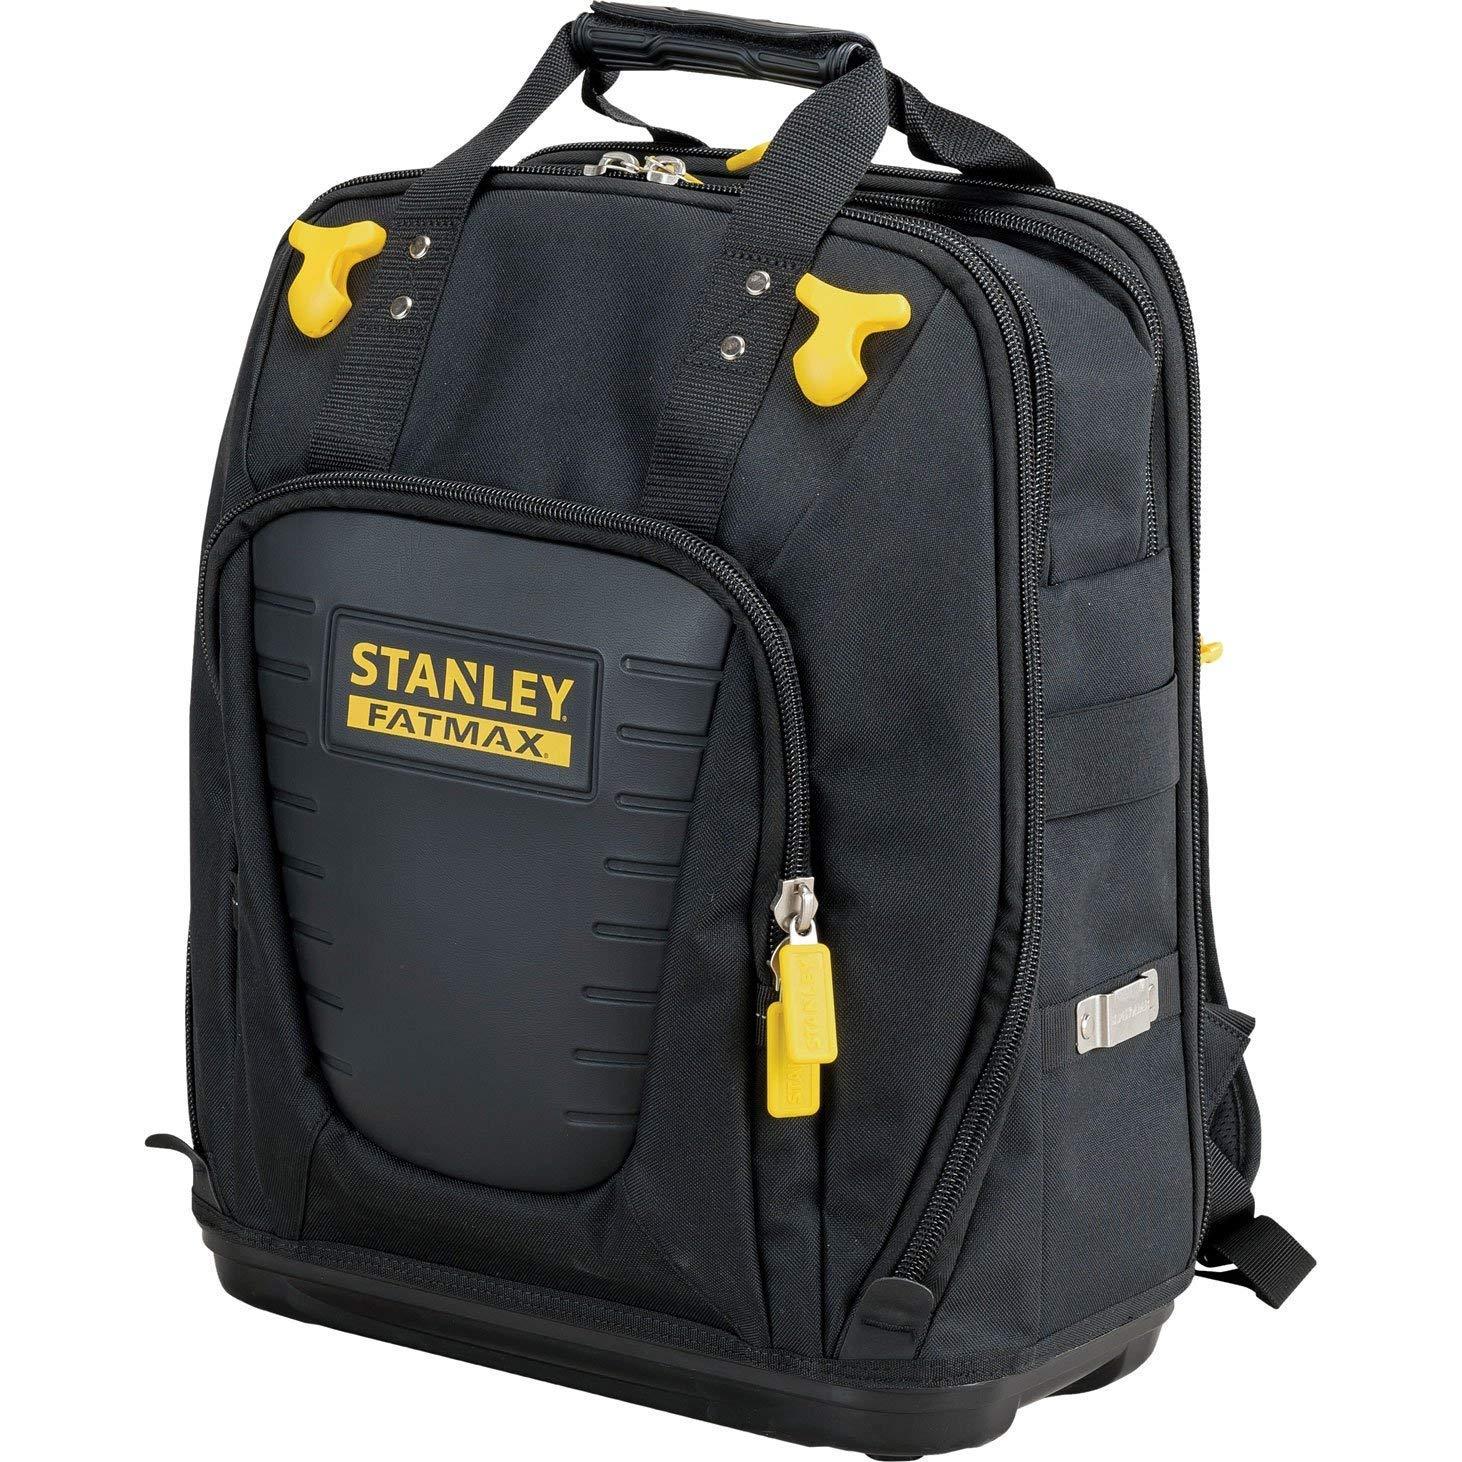 Sac à dos Stanley FatMax, pratique et de qualité pratique et de qualité